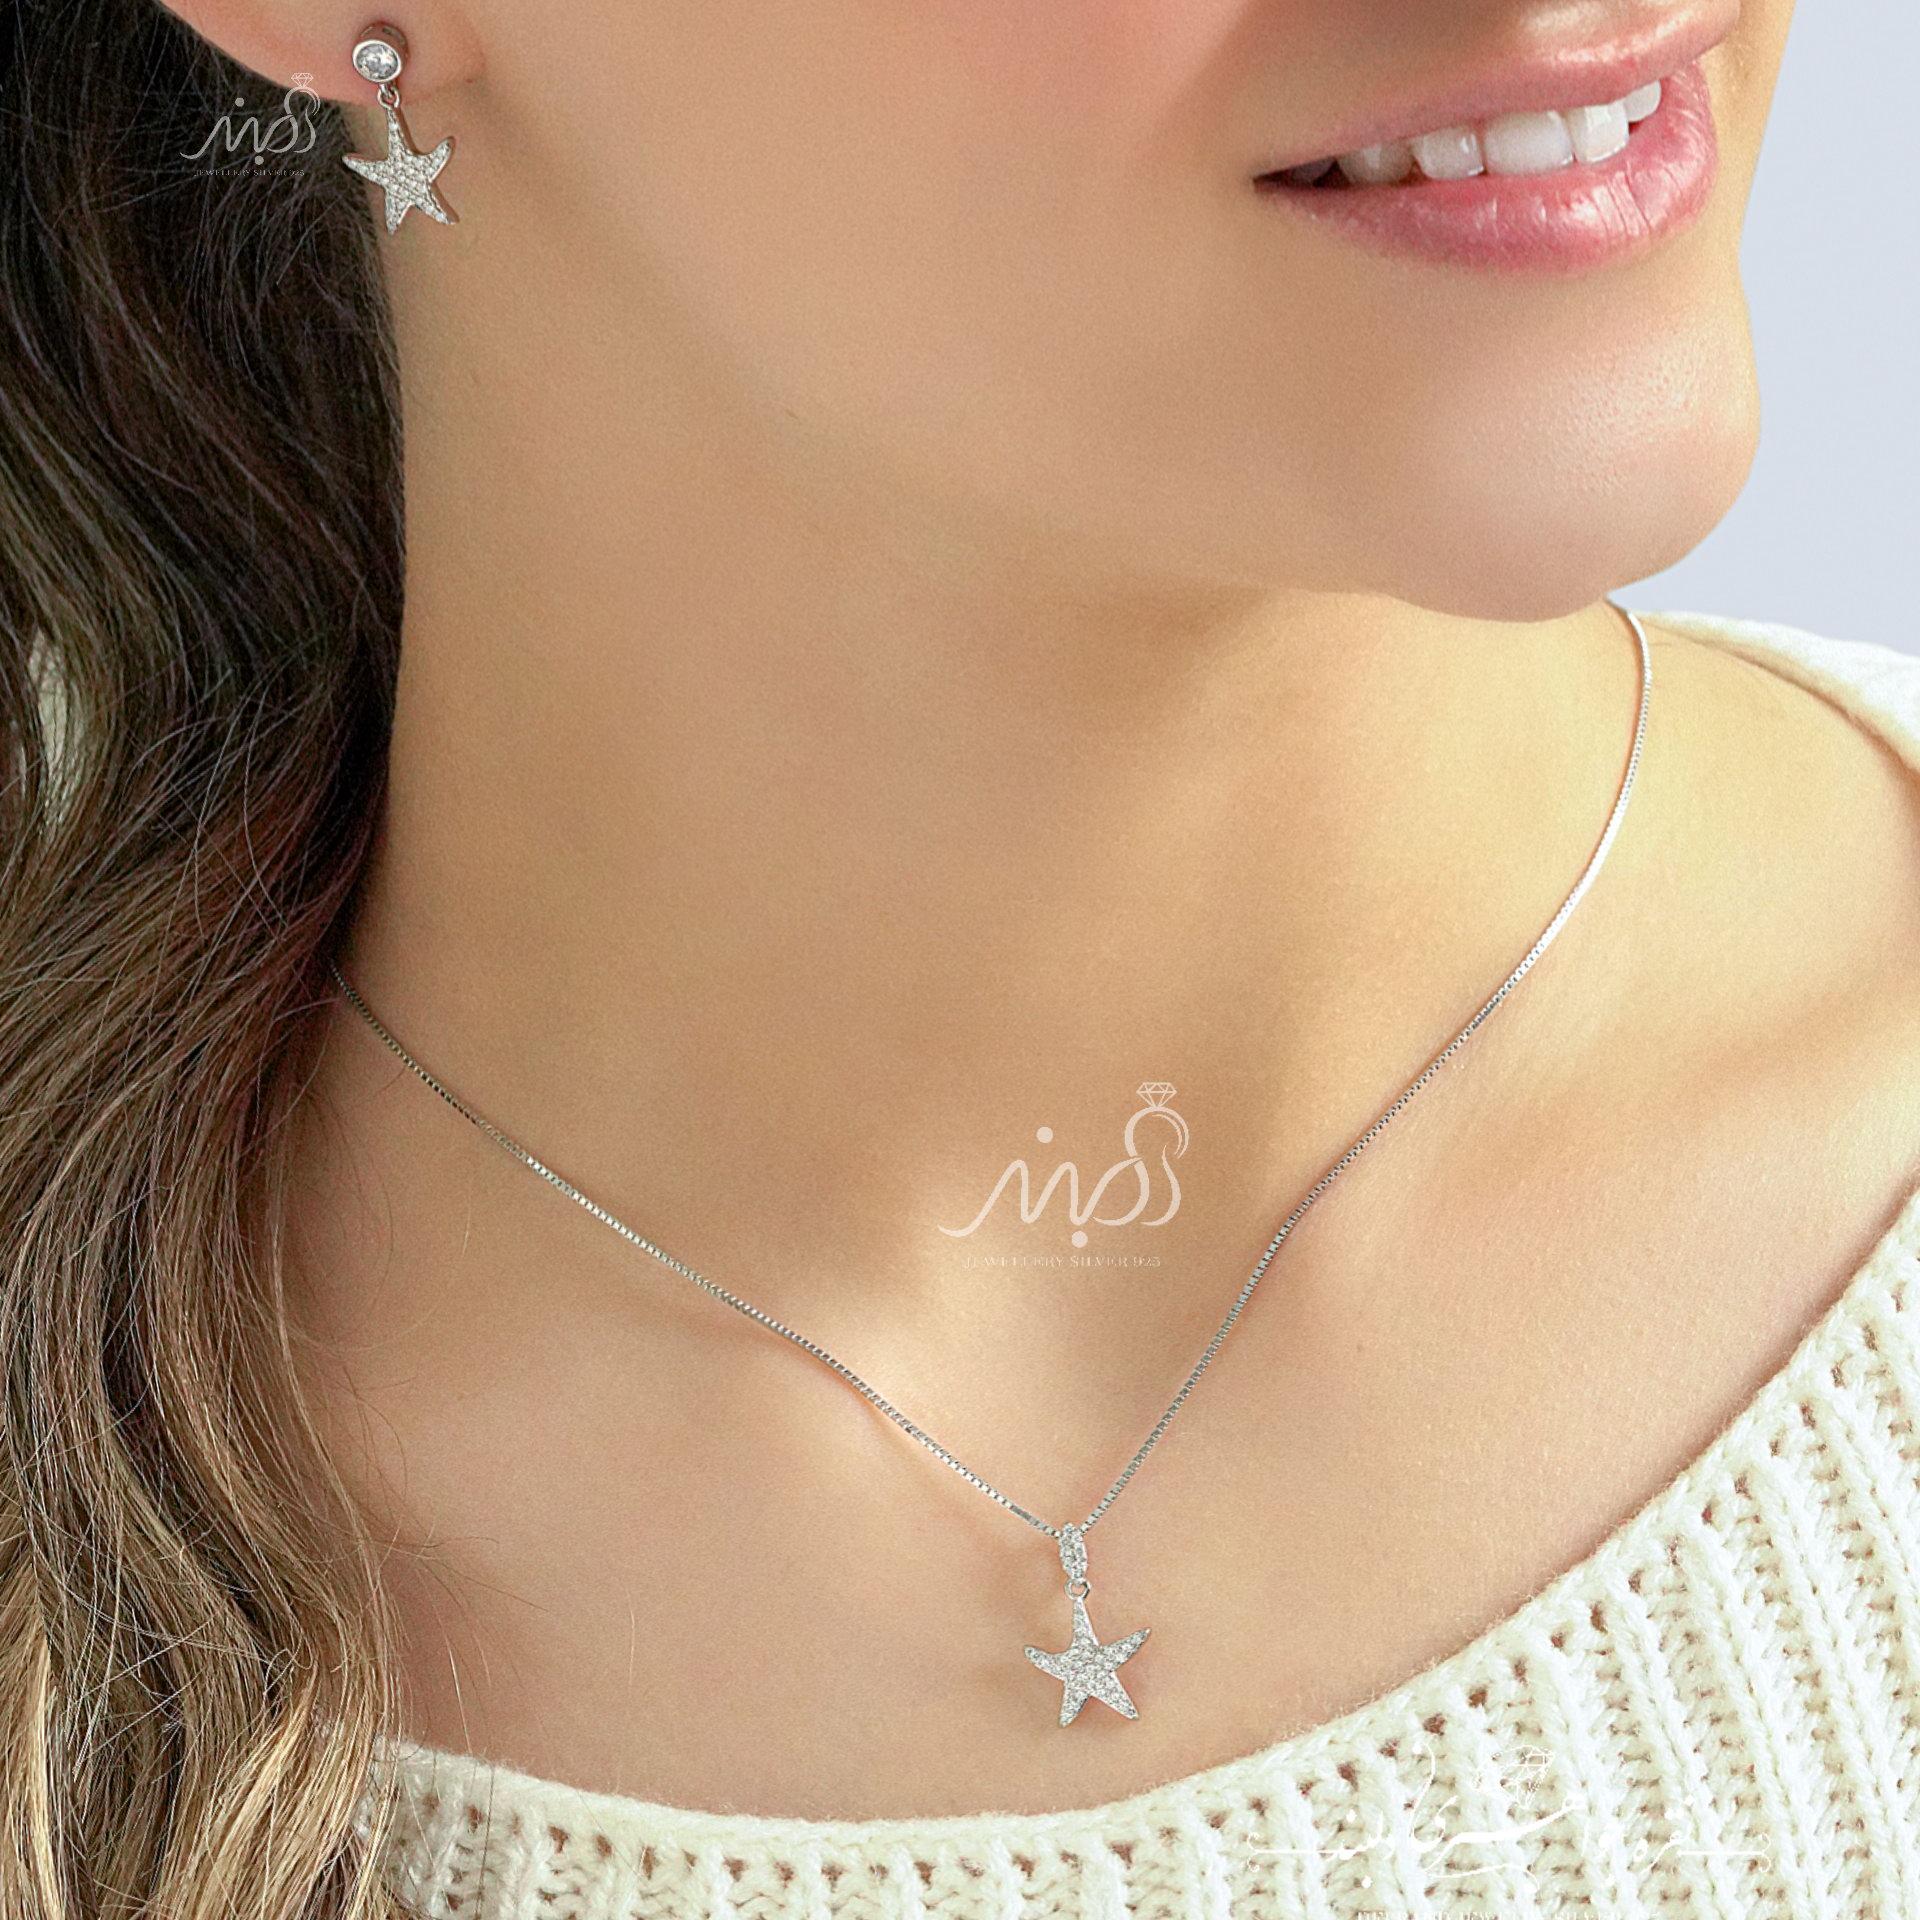 💍نیم ست جواهری ظريف و زیبا ستاره (آويز و گوشواره) با طراحی ژورنالی ؛ نقره عیار ۹۲۵ (N_4124)